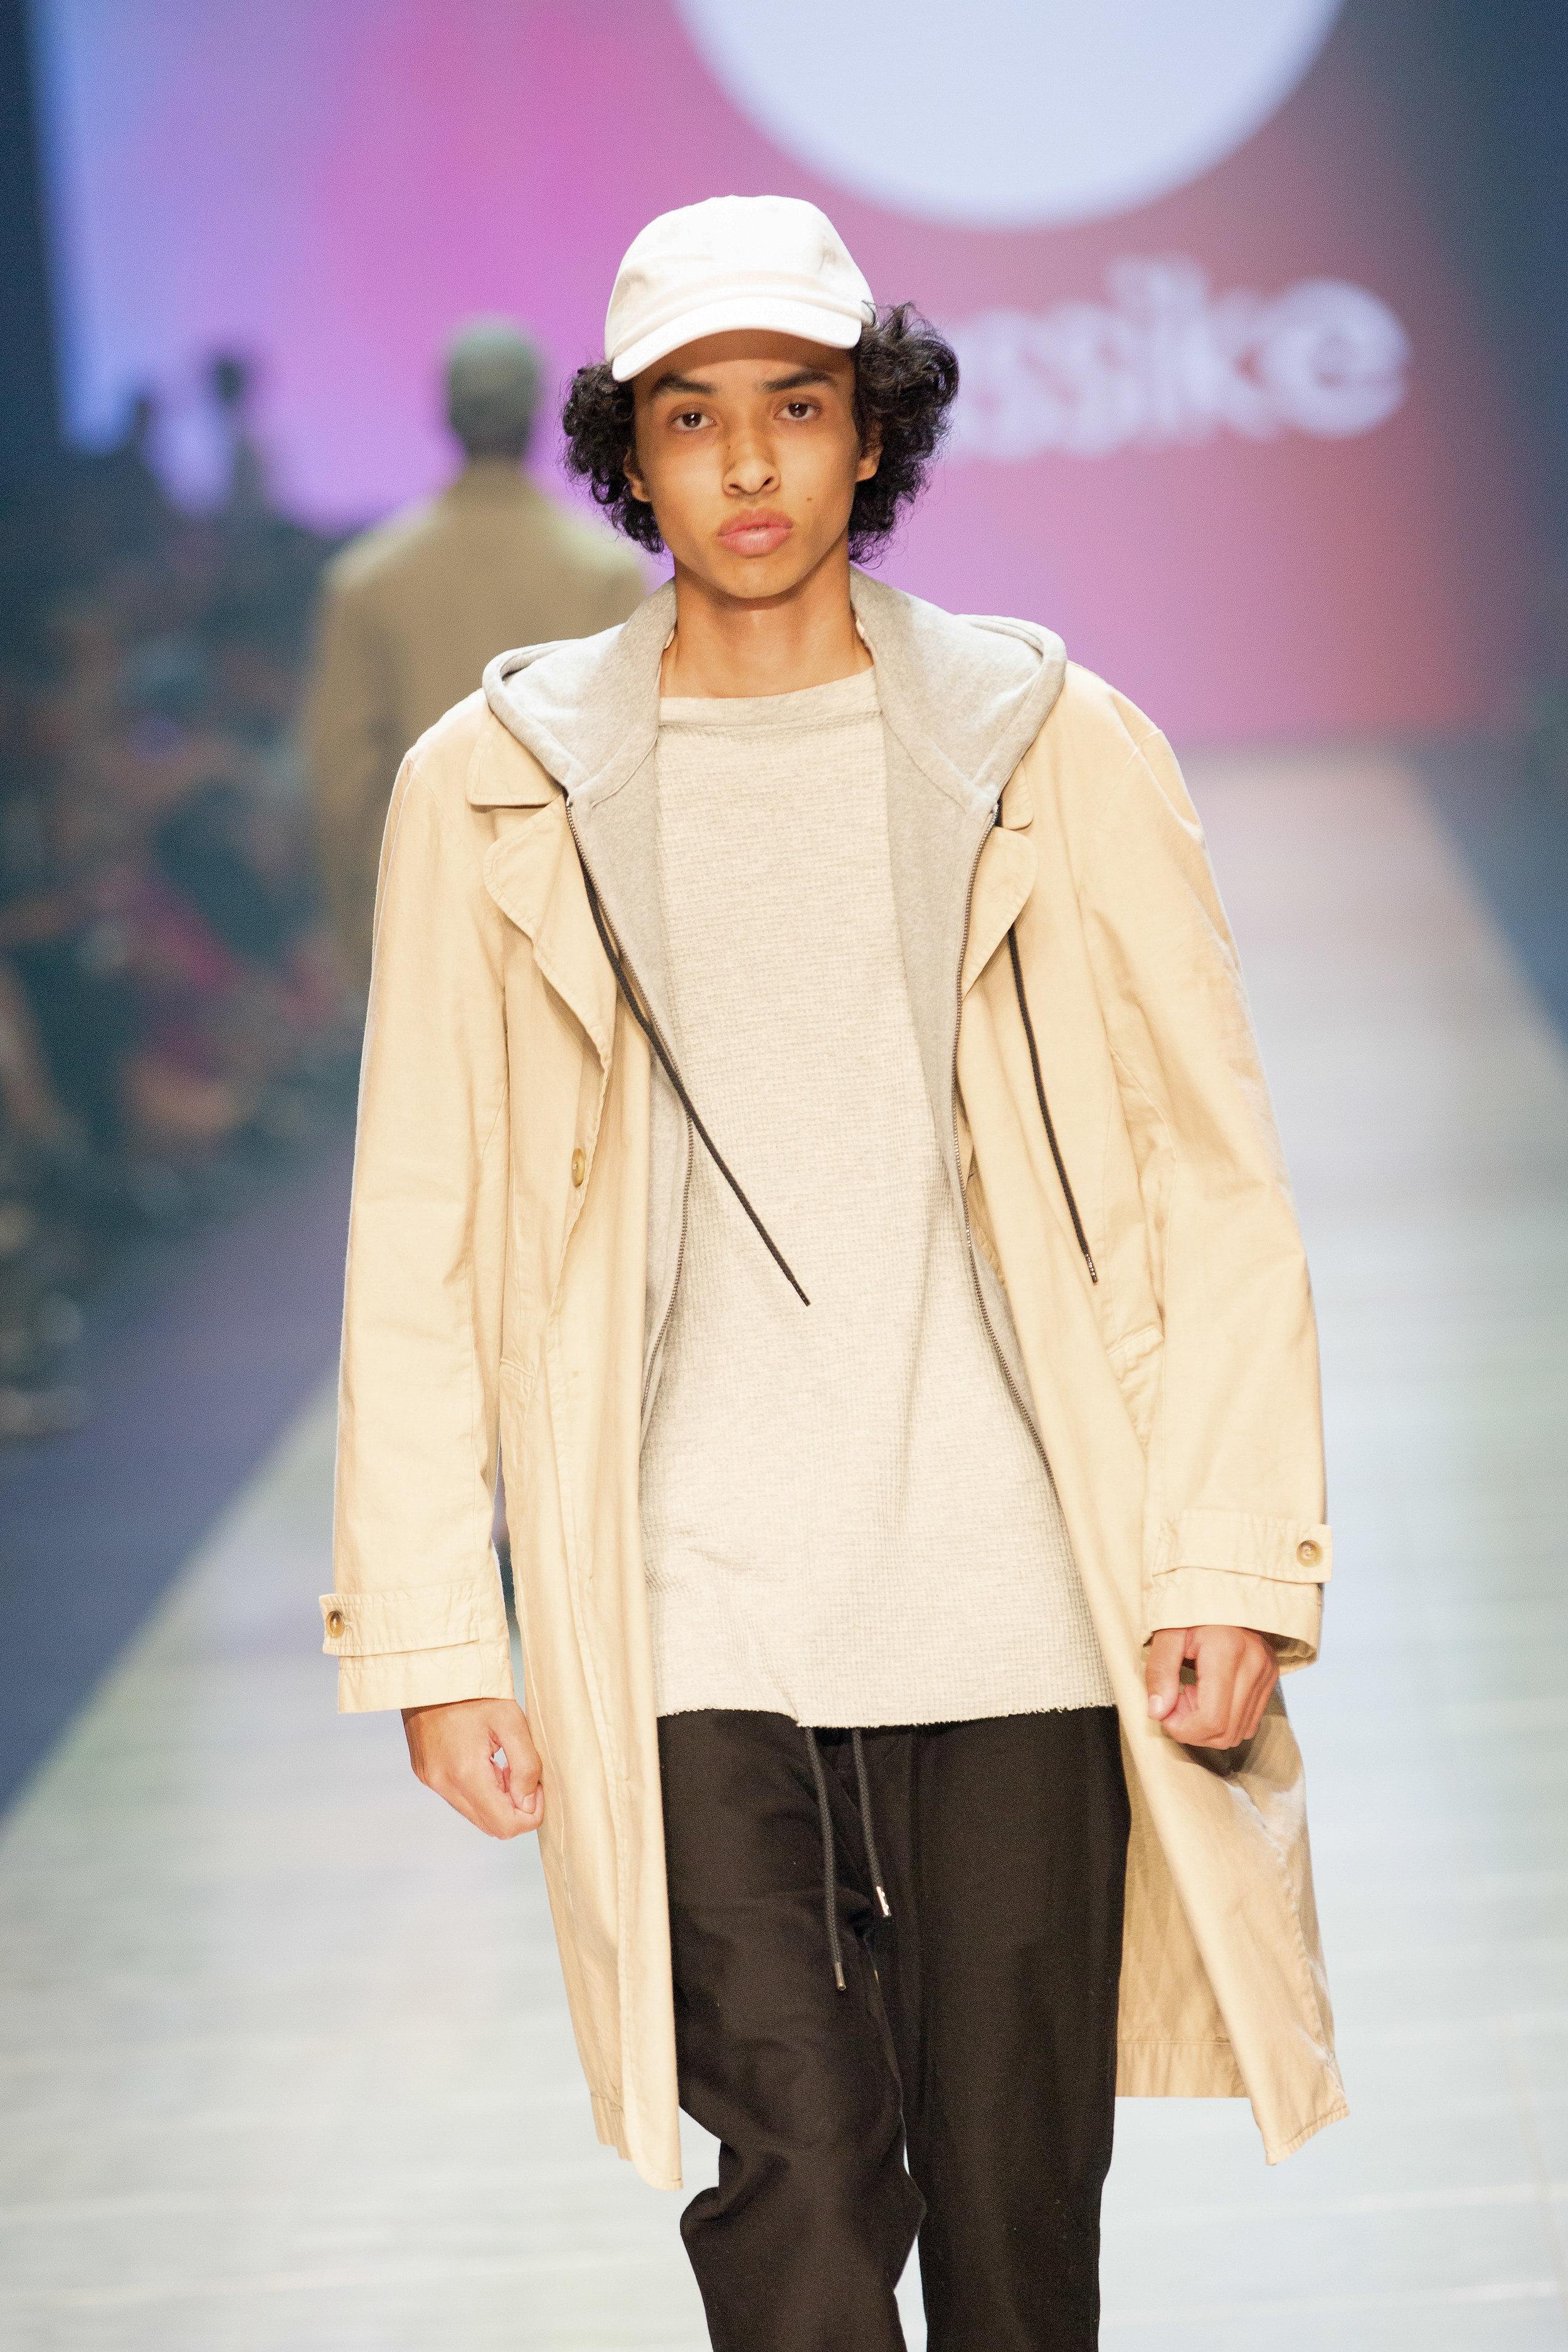 VAMFF2019_GQ Menswear-288.jpg